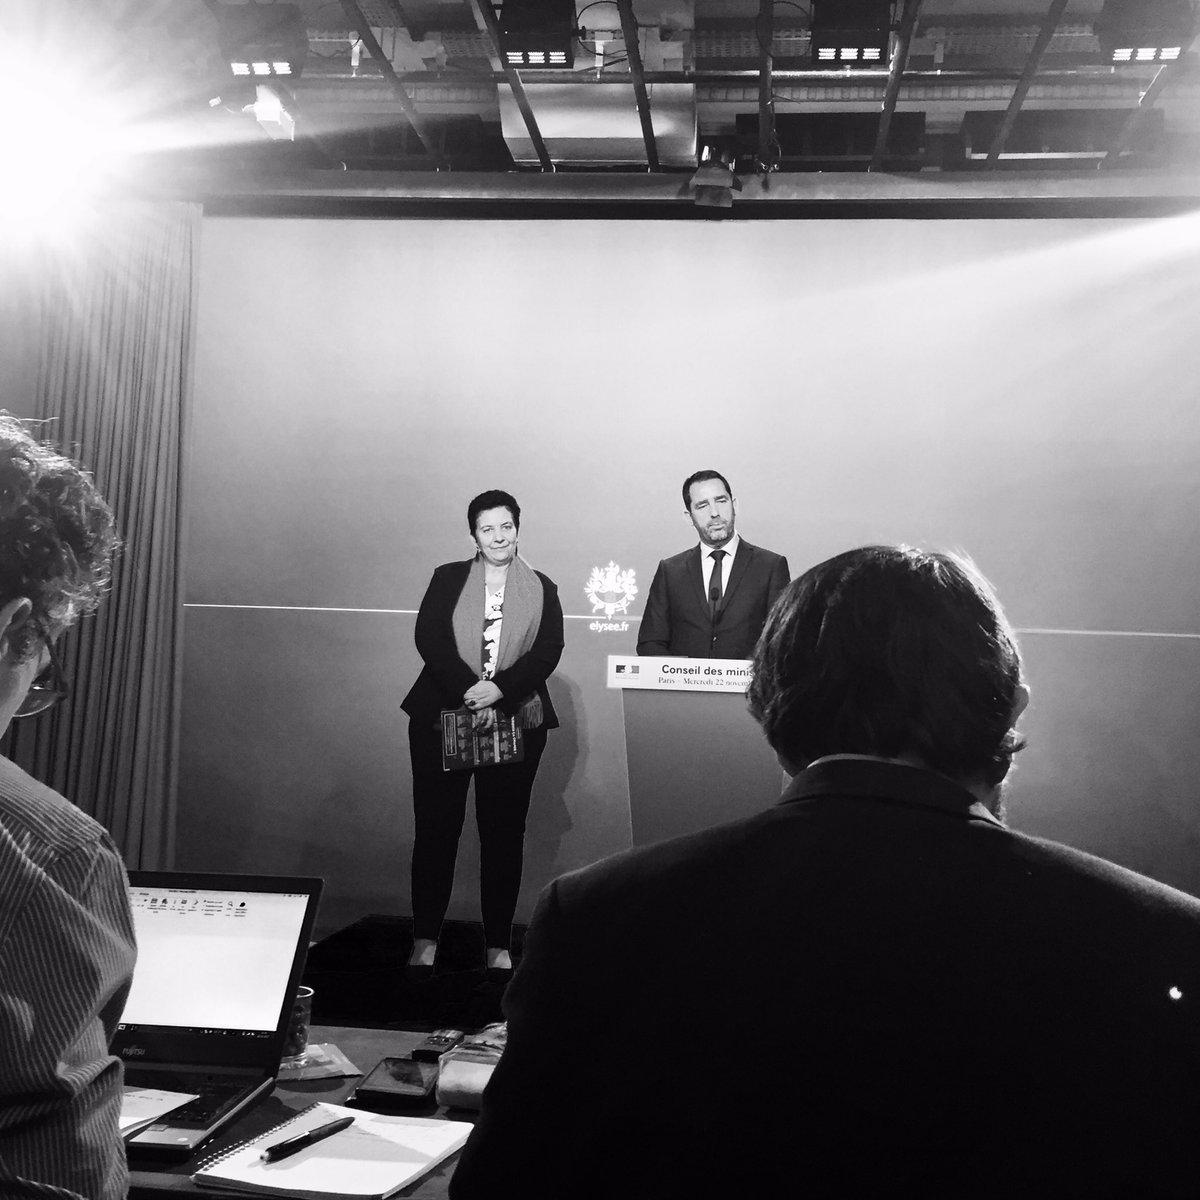 Deuxième dernier conseil des ministres de @CCastaner comme porte-parole du gouvernement.